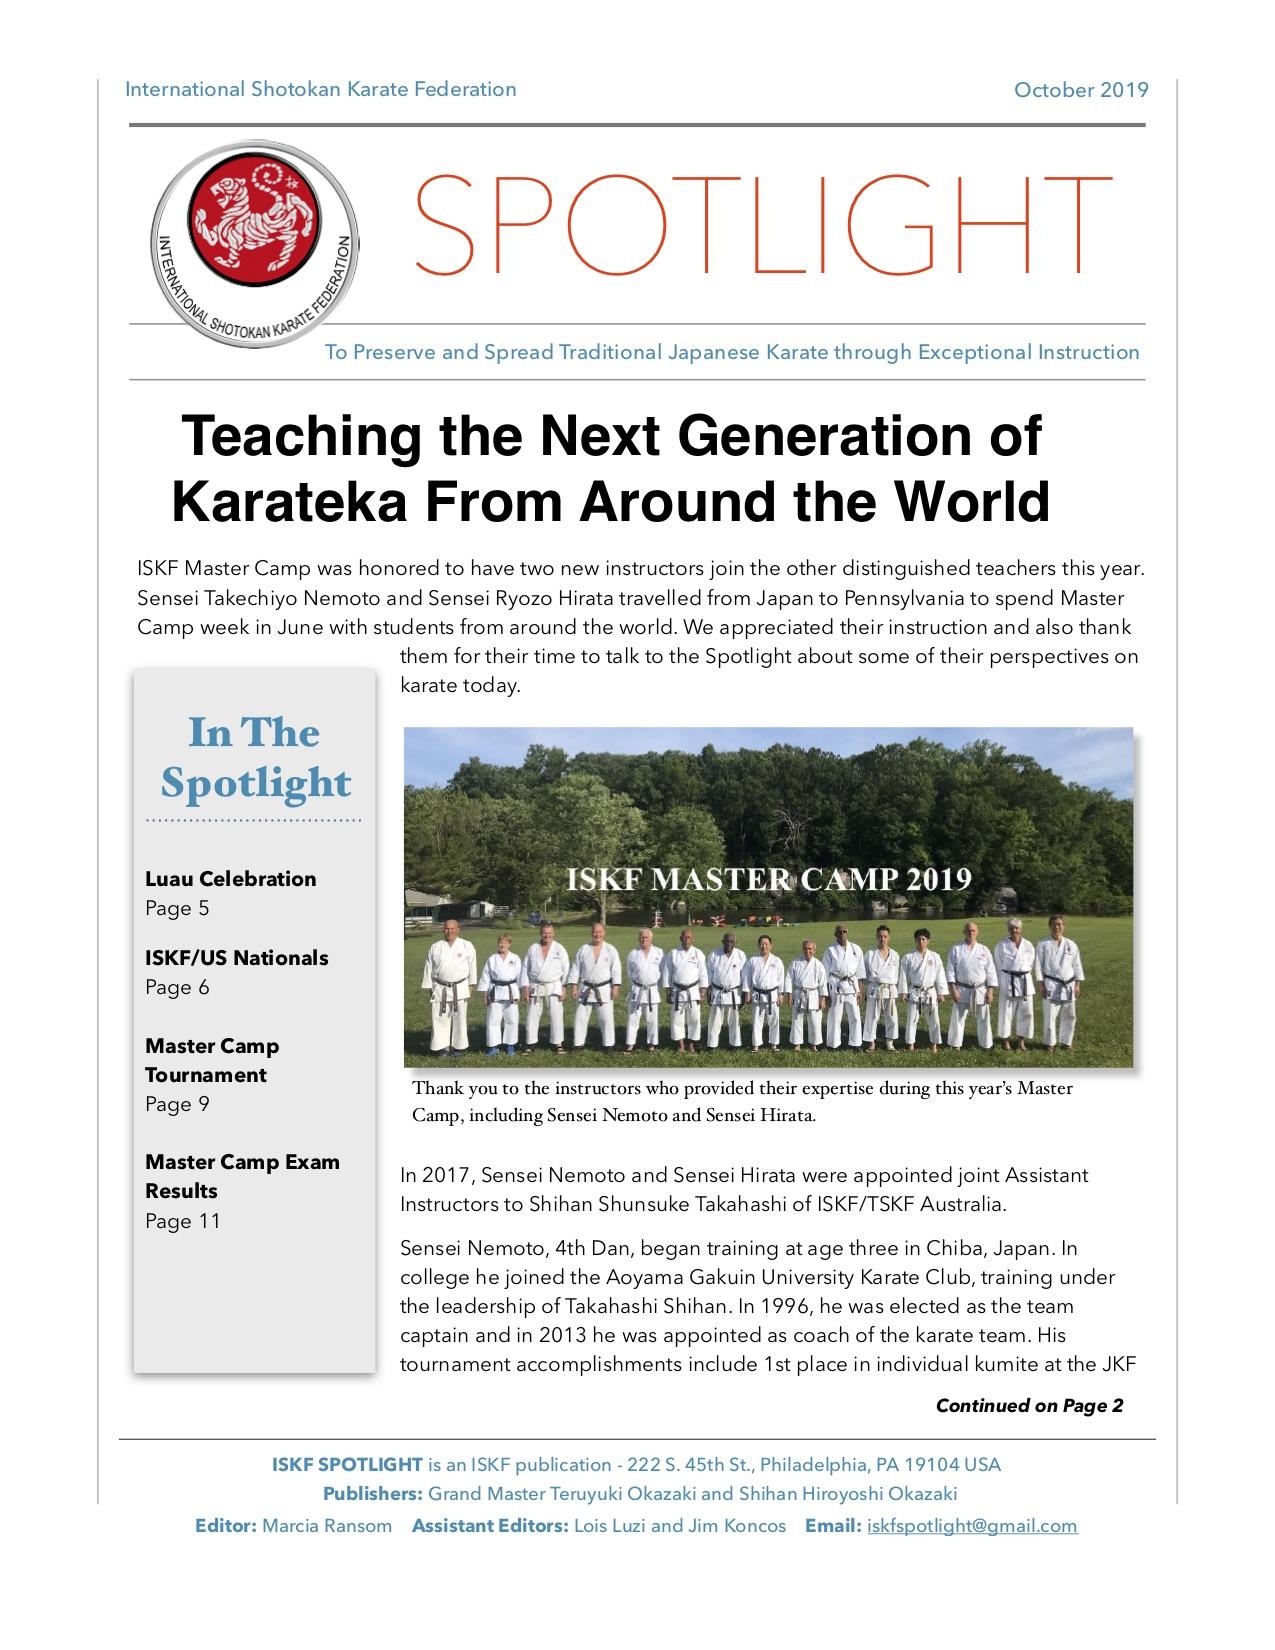 ISKF Spotlight Oct 2019 V3 JPG